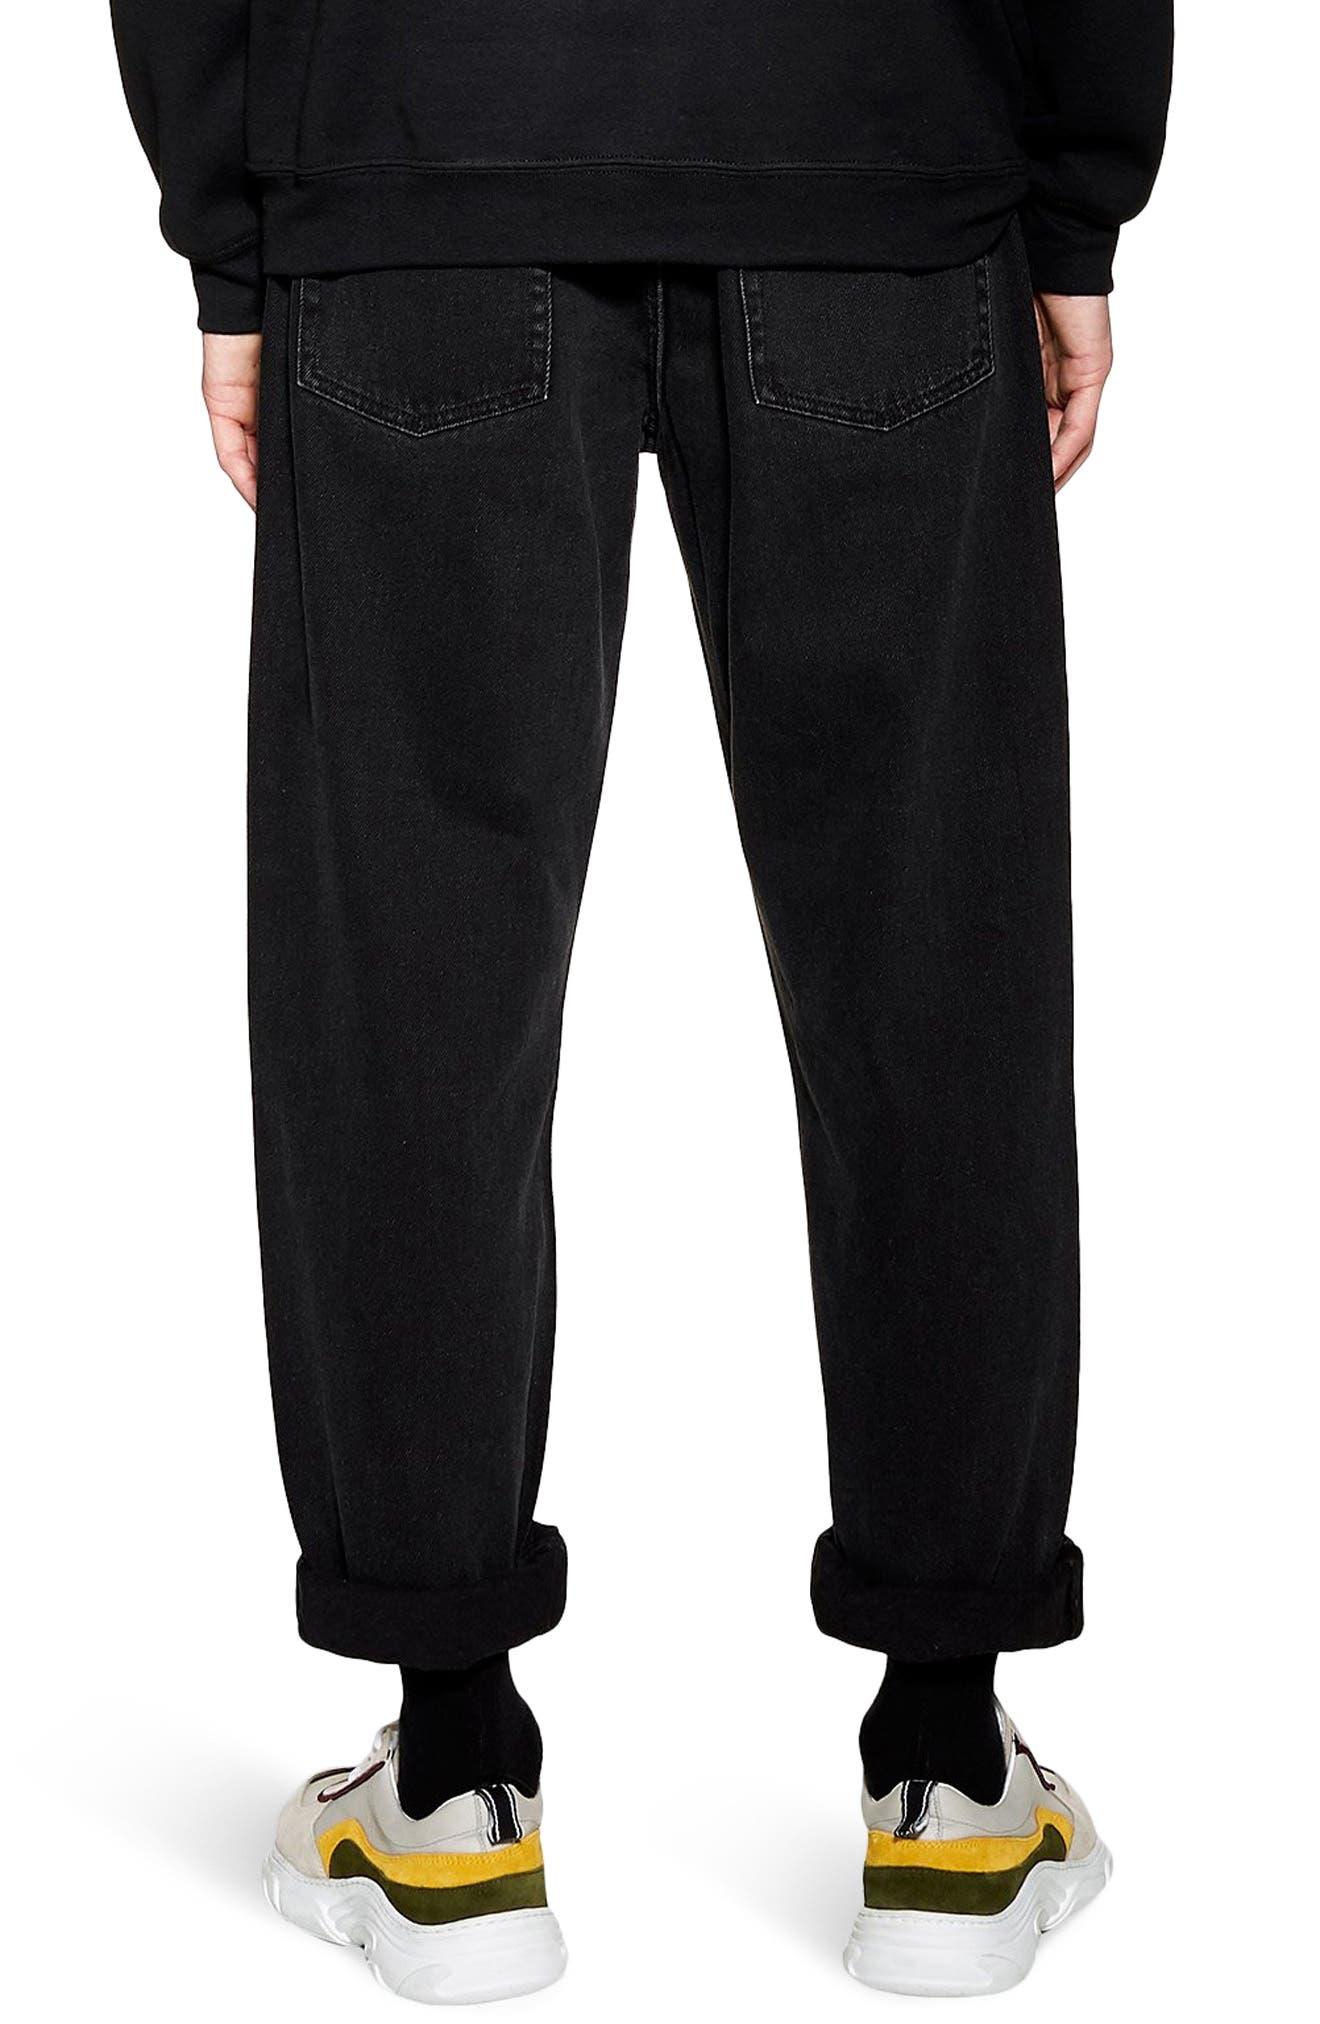 TOPMAN, Larry Original Fit Jeans, Alternate thumbnail 2, color, BLACK